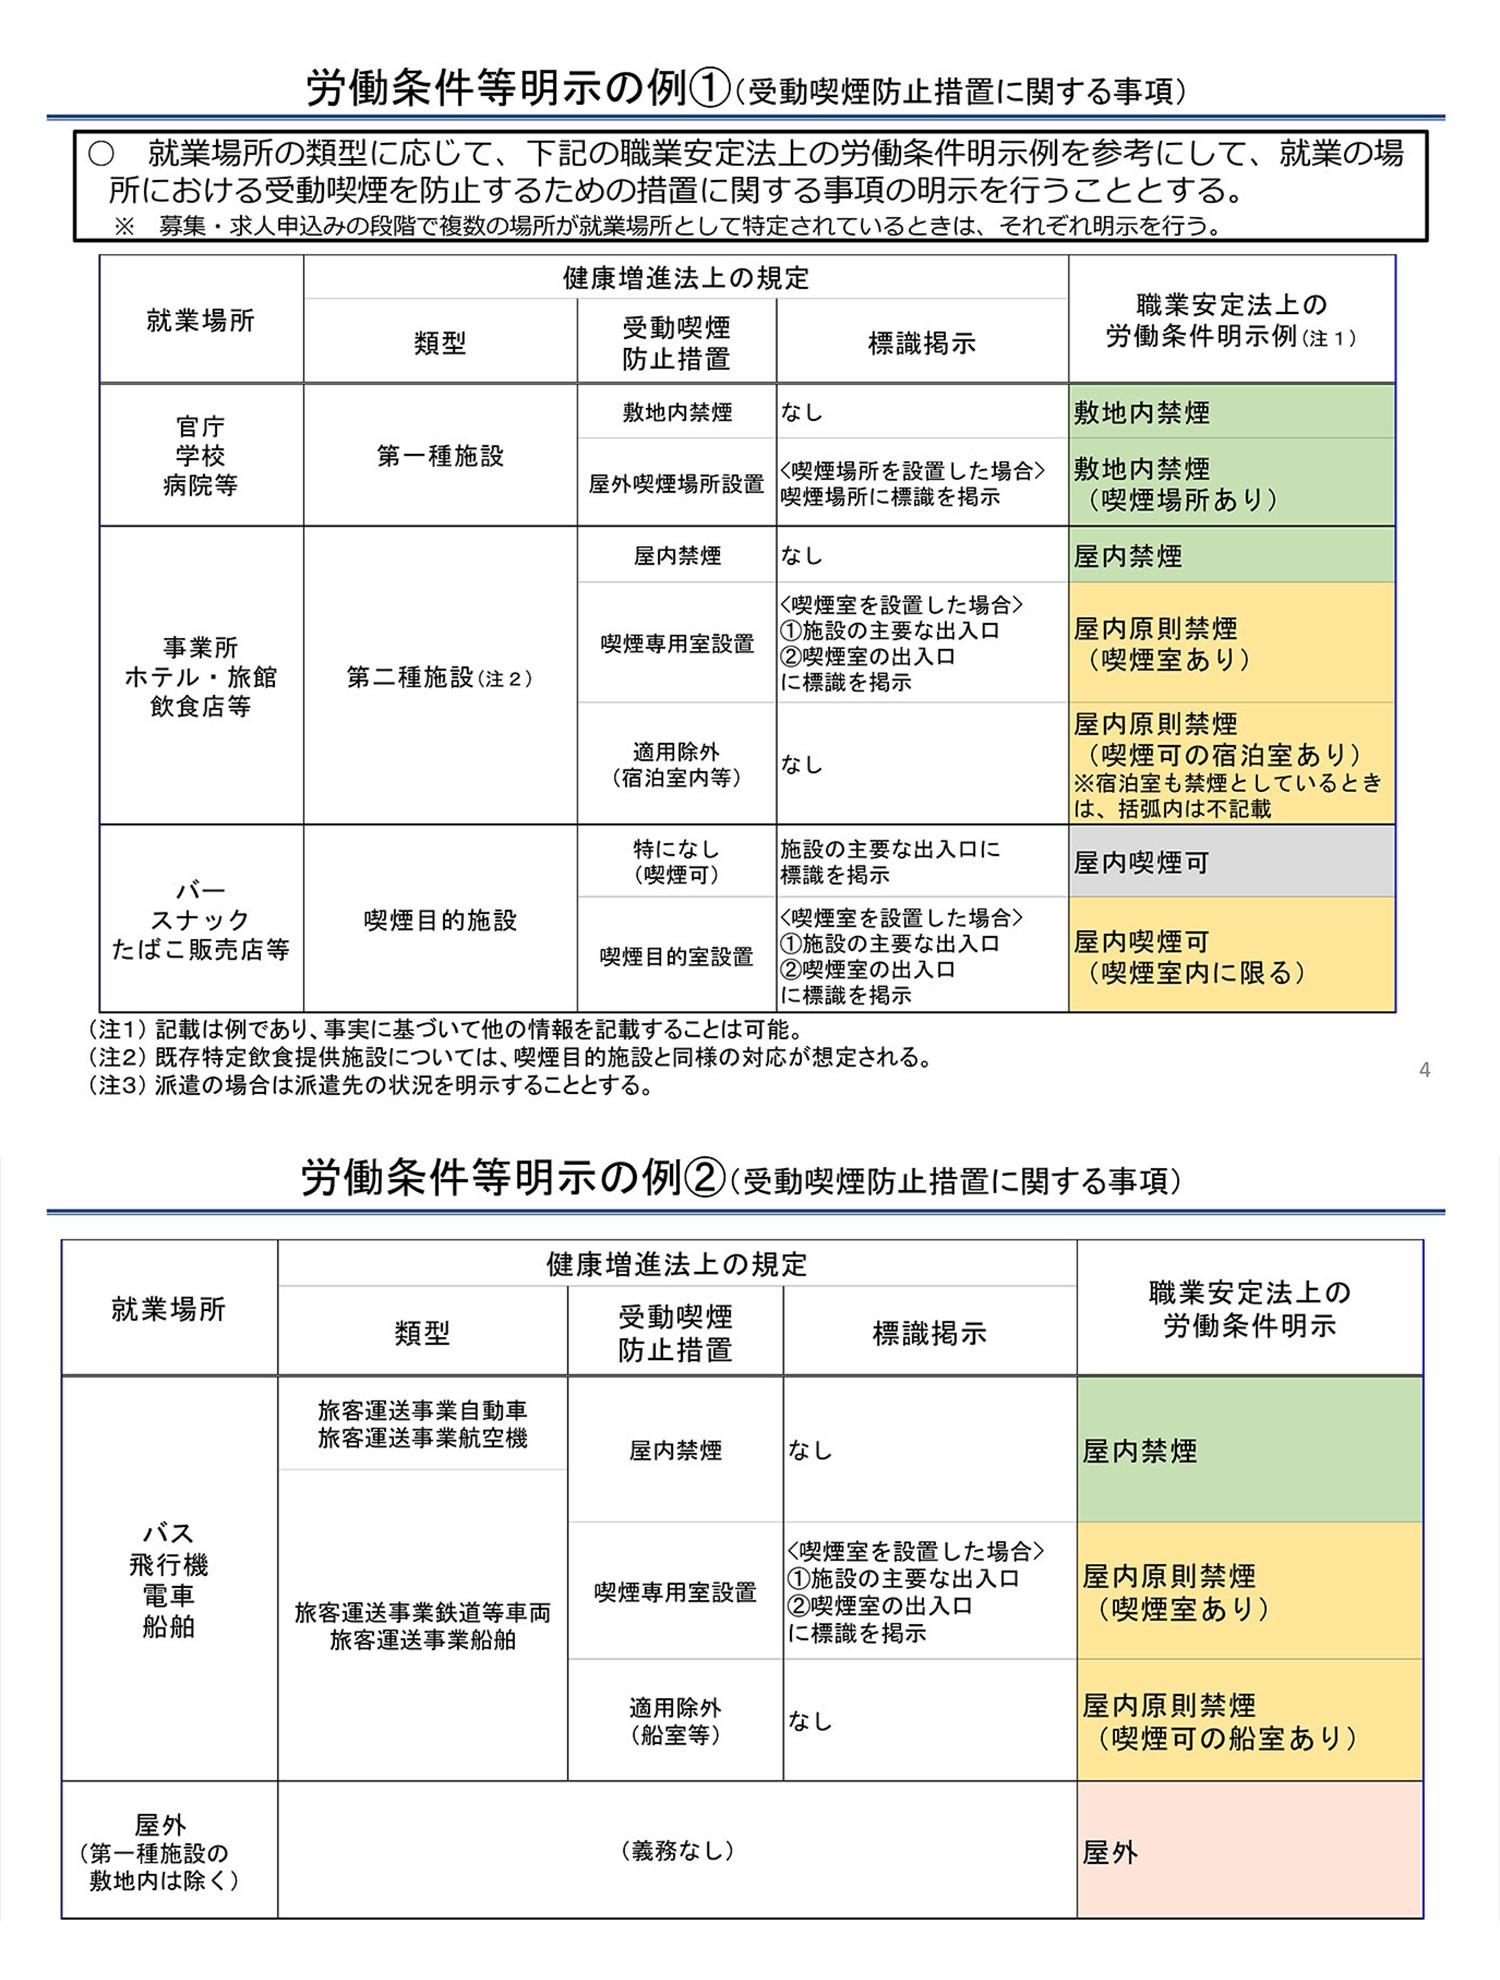 労働条件等明示の例(受動喫煙防止措置に関する事項)